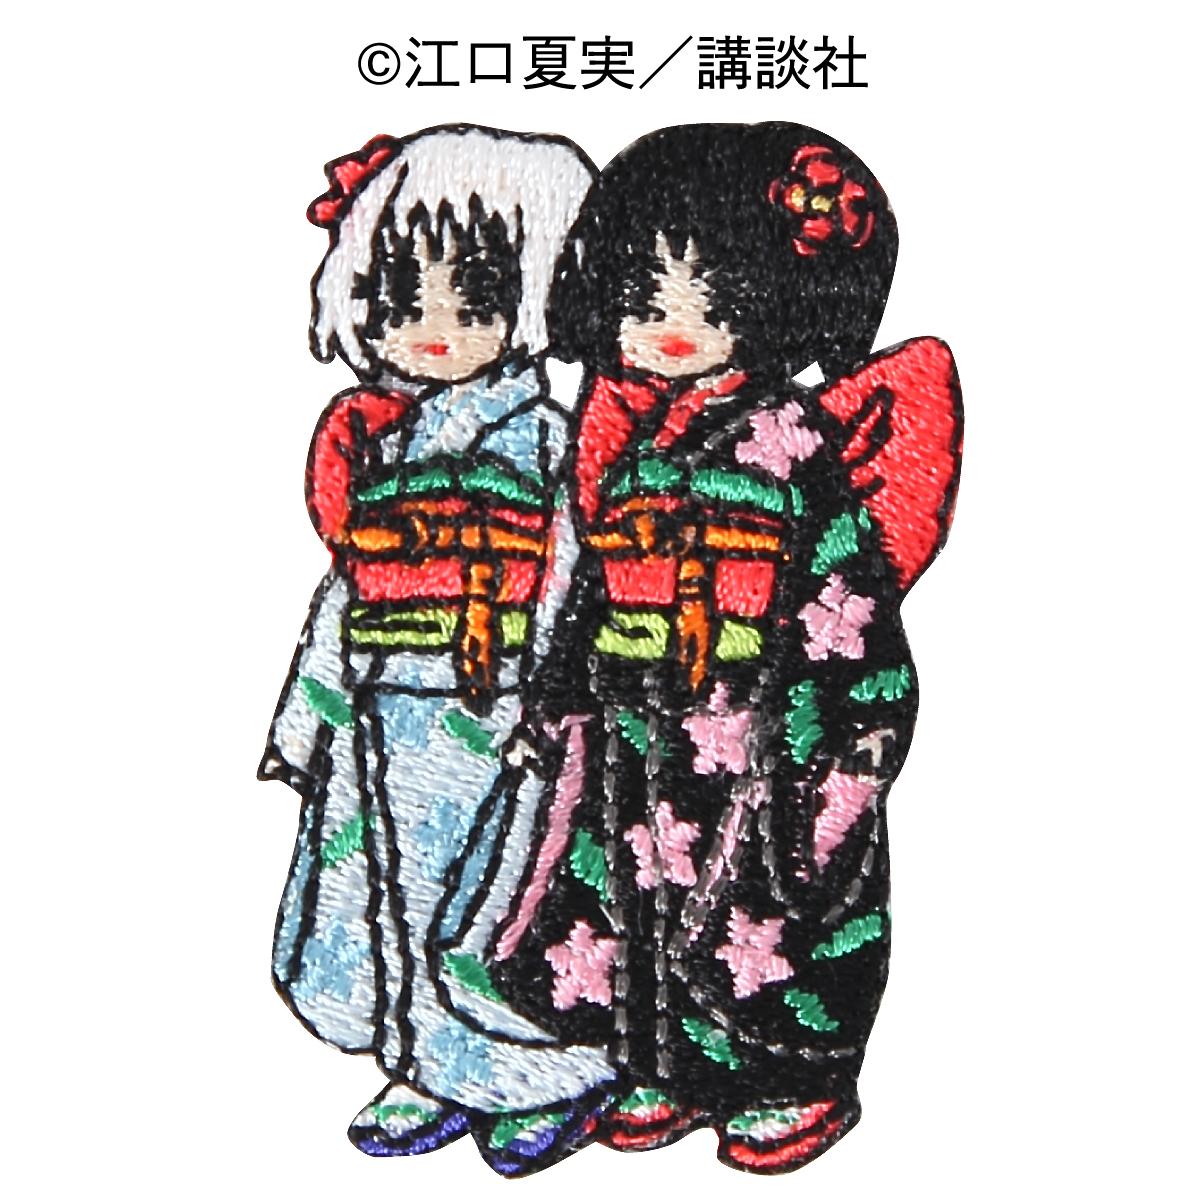 KJW-530/ワッペン/一子二子/【DM便可】